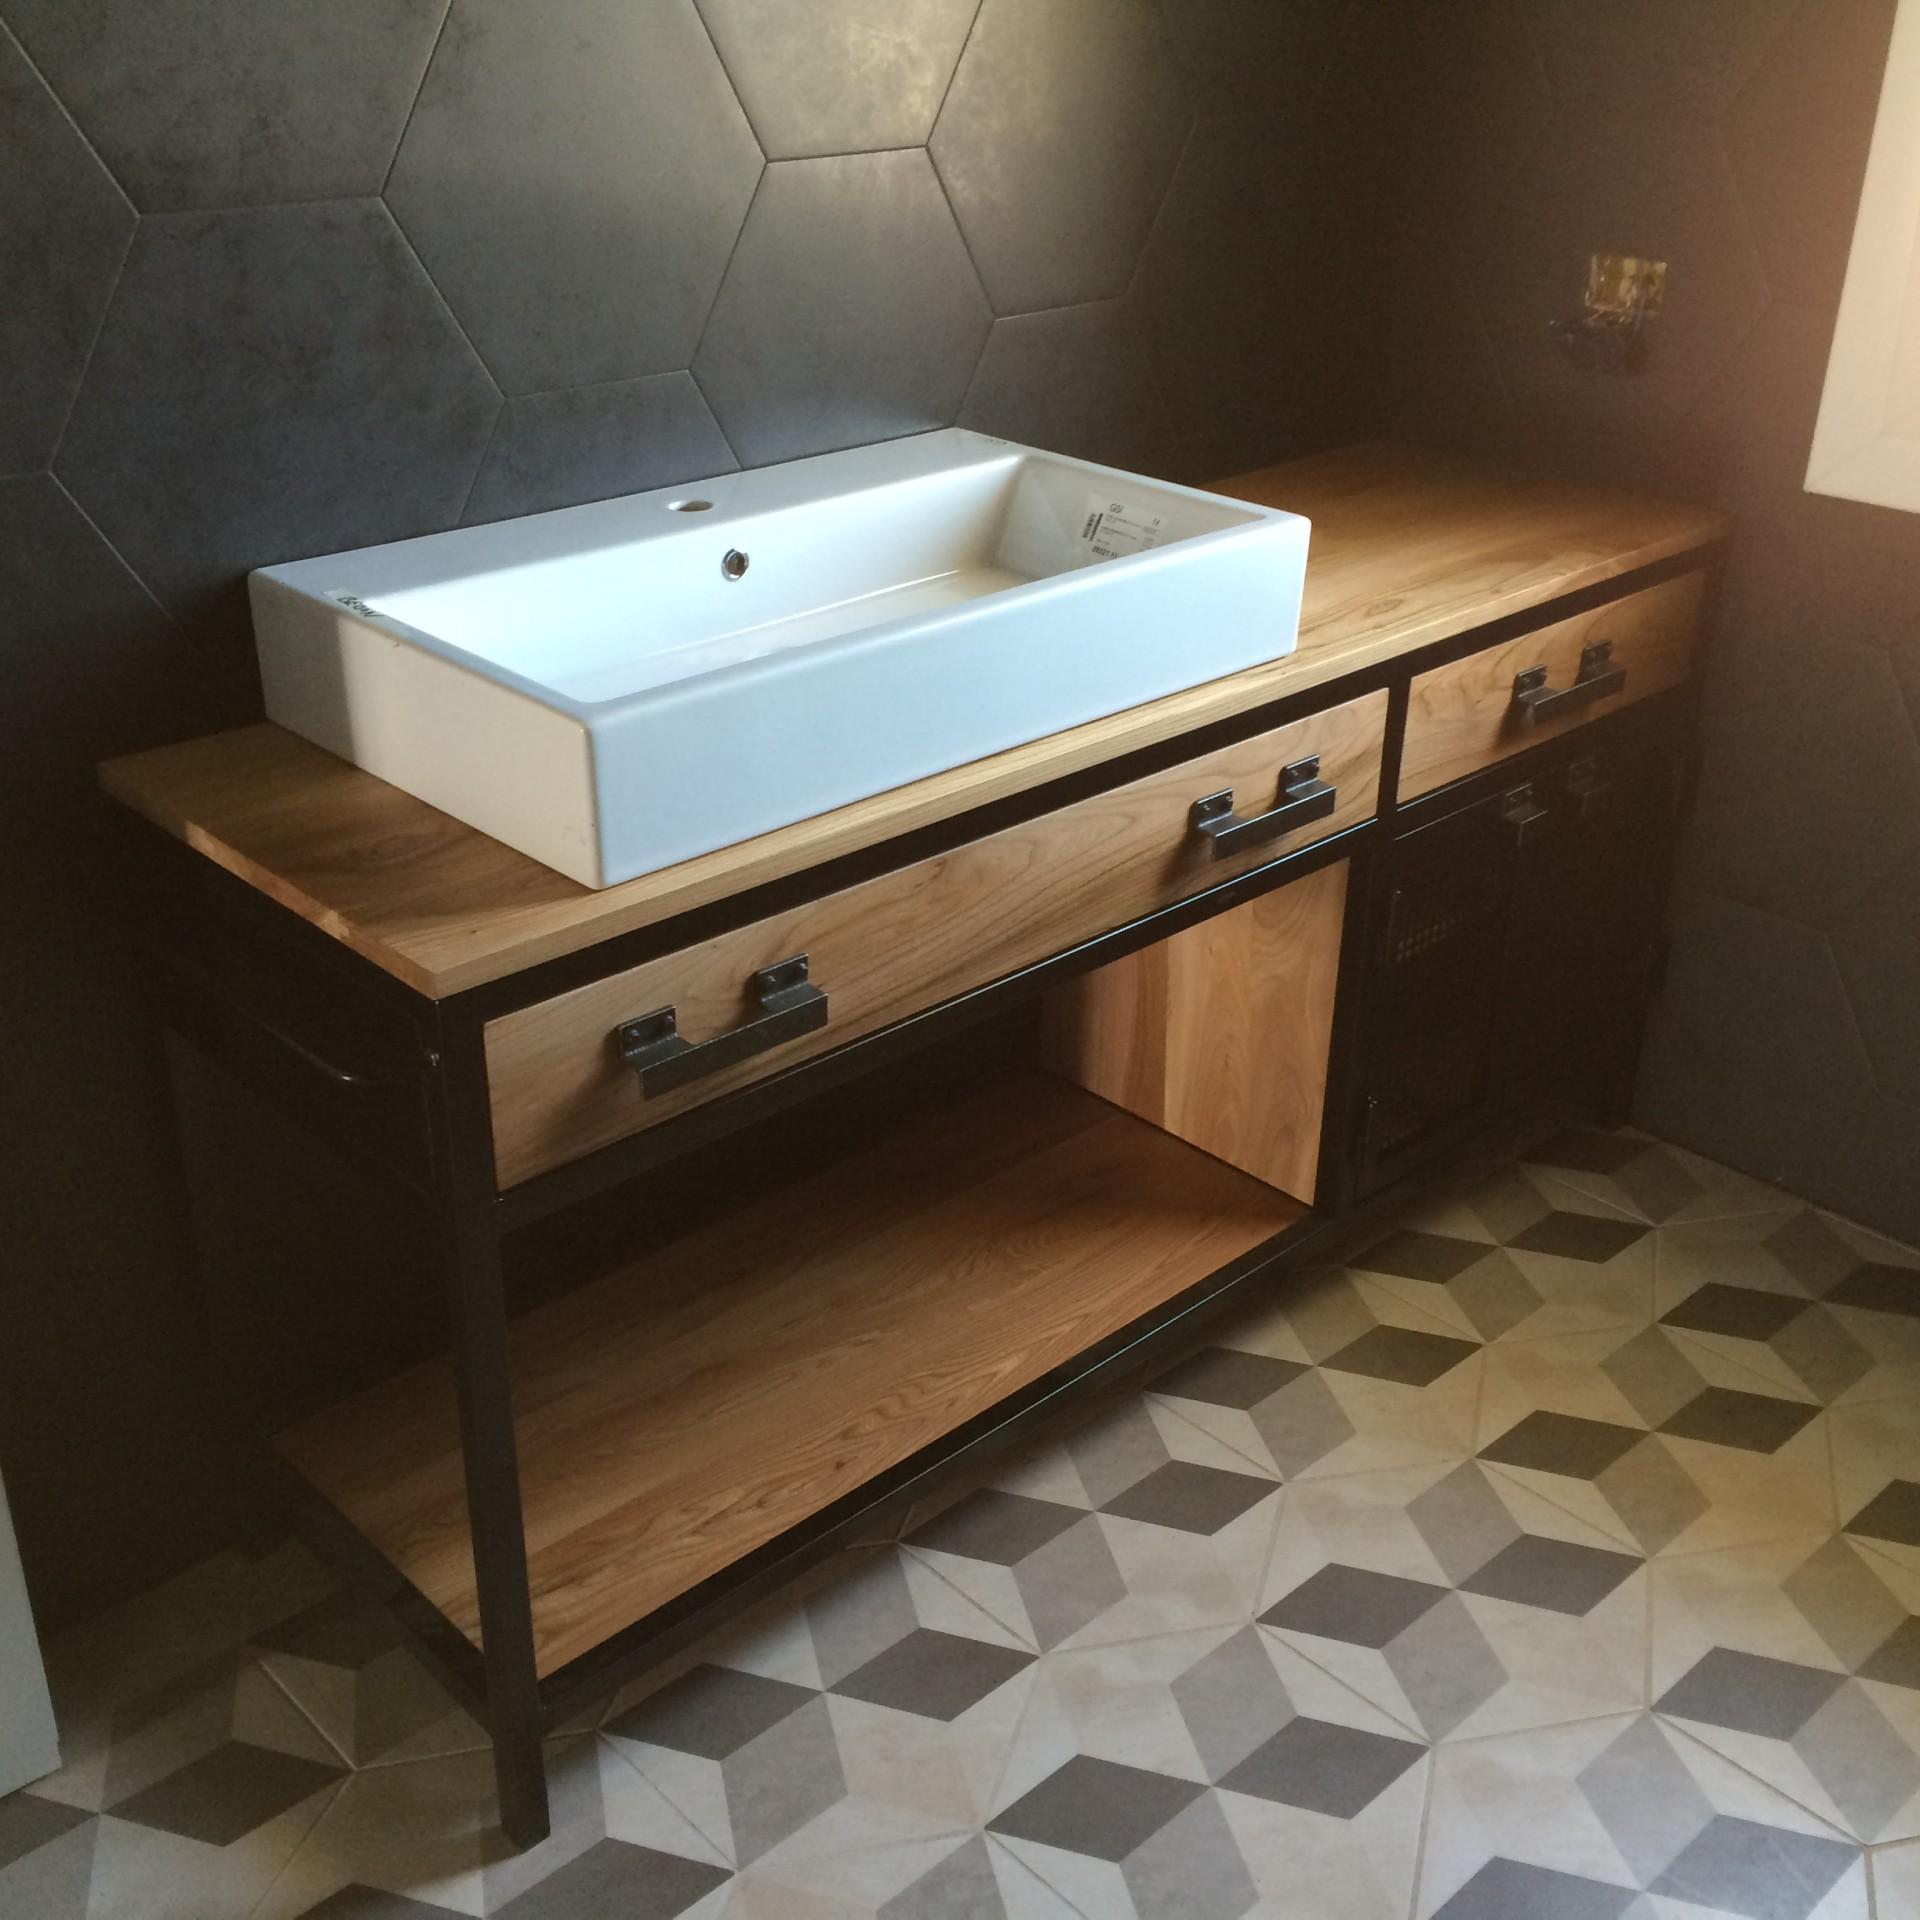 Arredo Bagno In Ferro.Mobile Per Bagno In Legno E Ferro Art 446 Fadini Mobili Cerea Verona